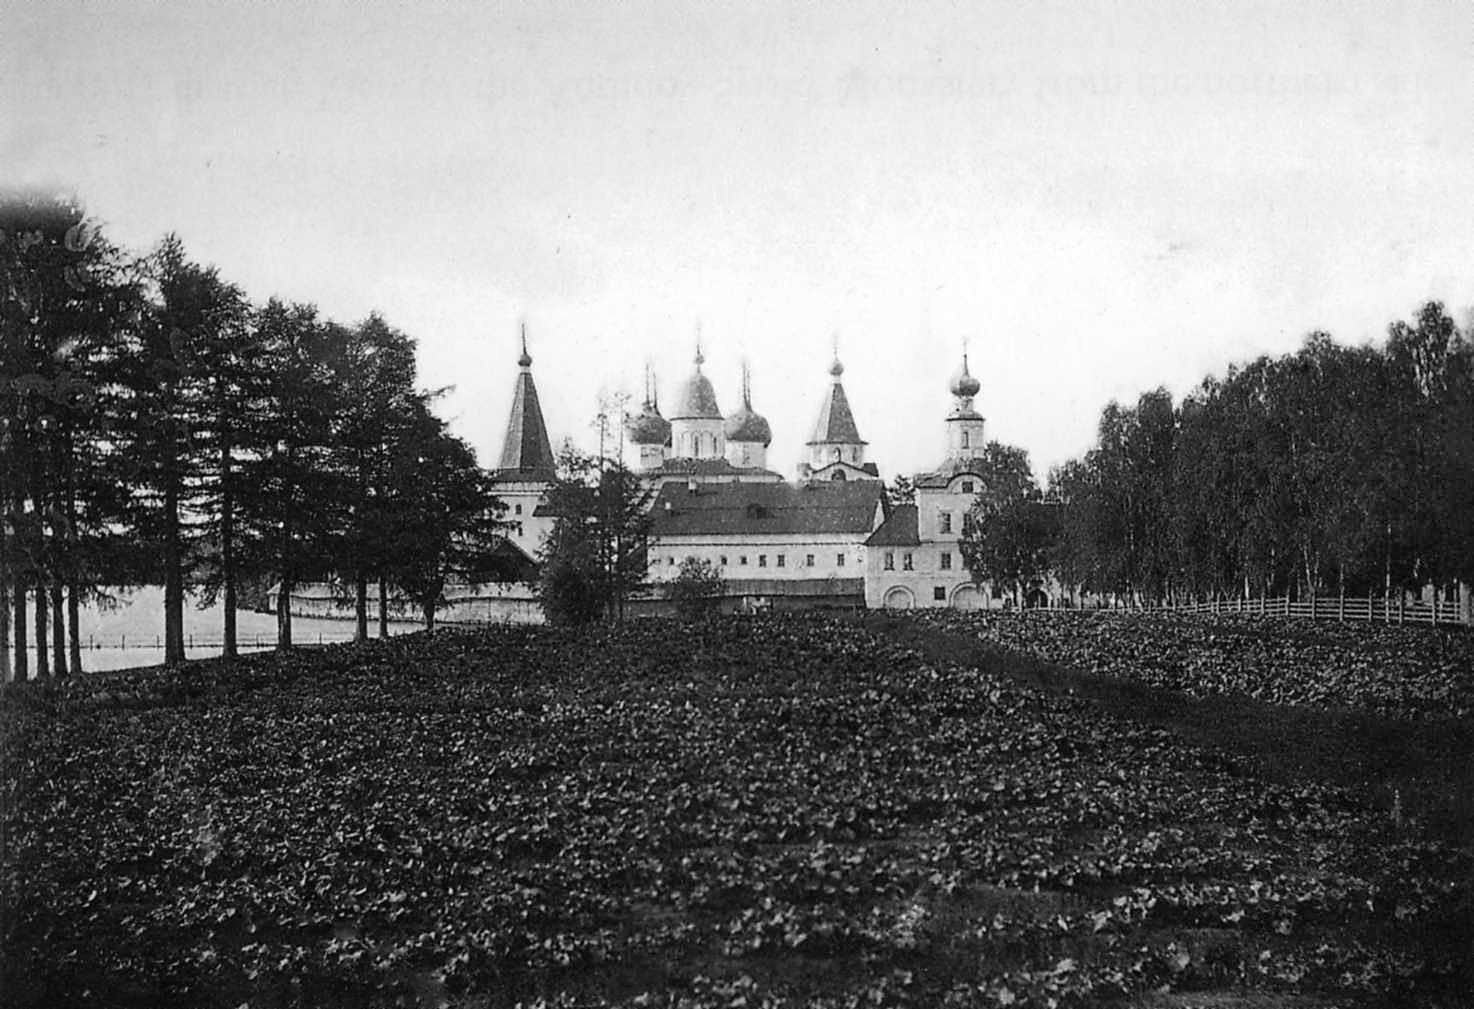 Окрестности Холмогор. Вид Антониево-Сийского монастыря с северной стороны